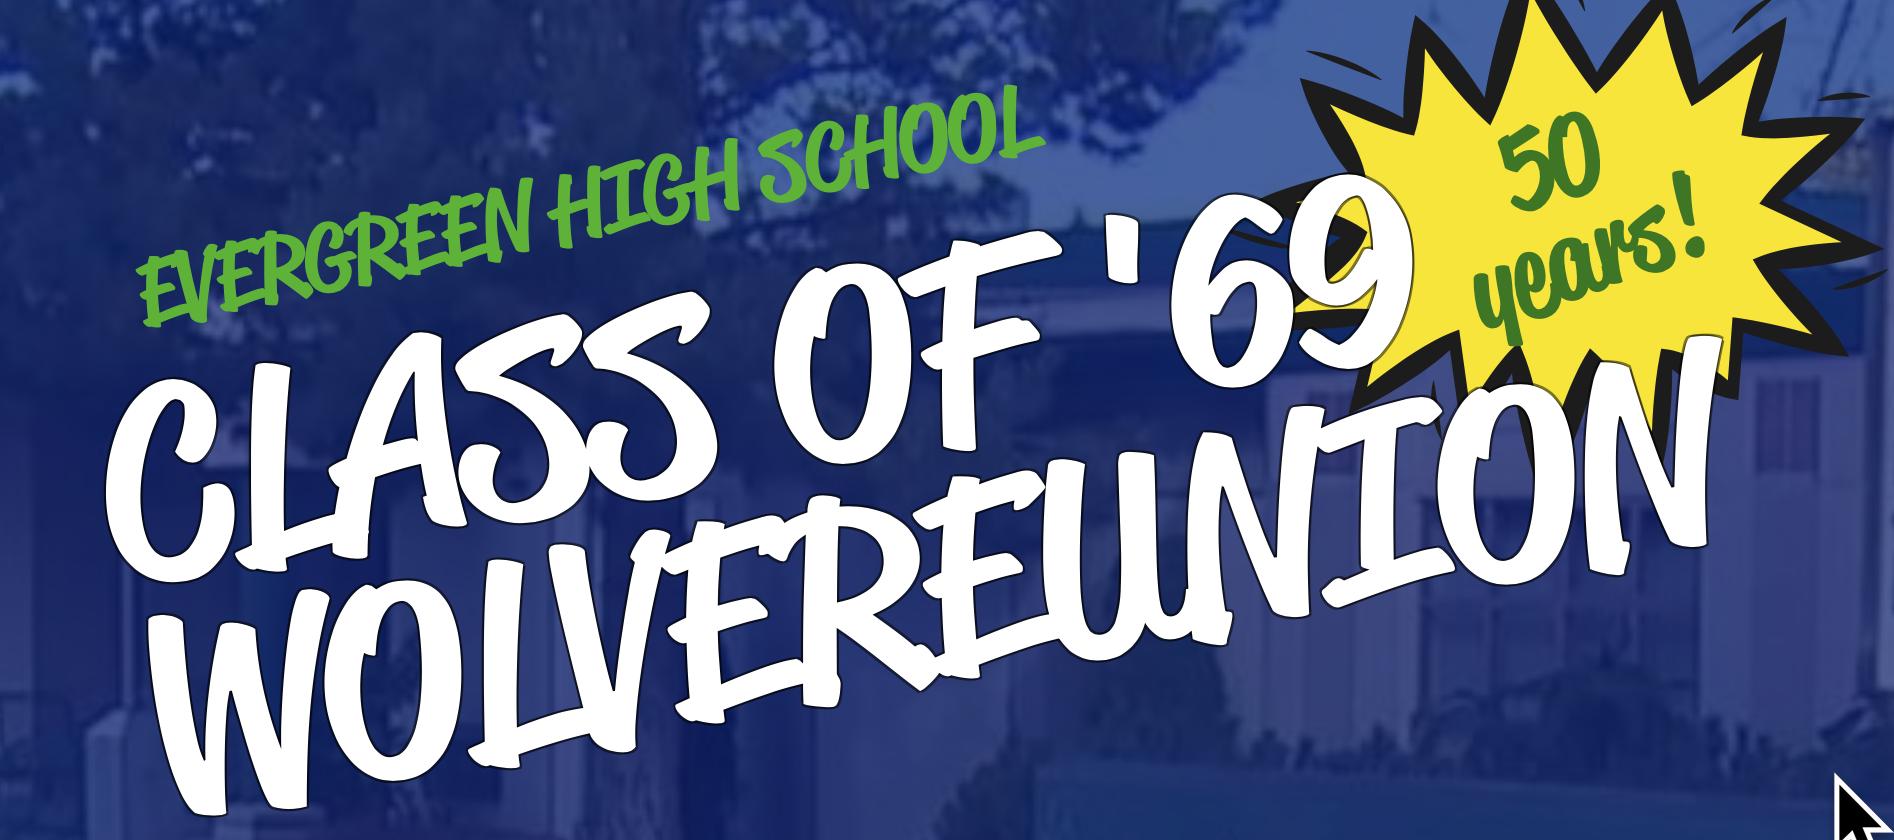 Evergreen high school class of 39 69 50 year reunion set for - Evergreen high school swimming pool ...